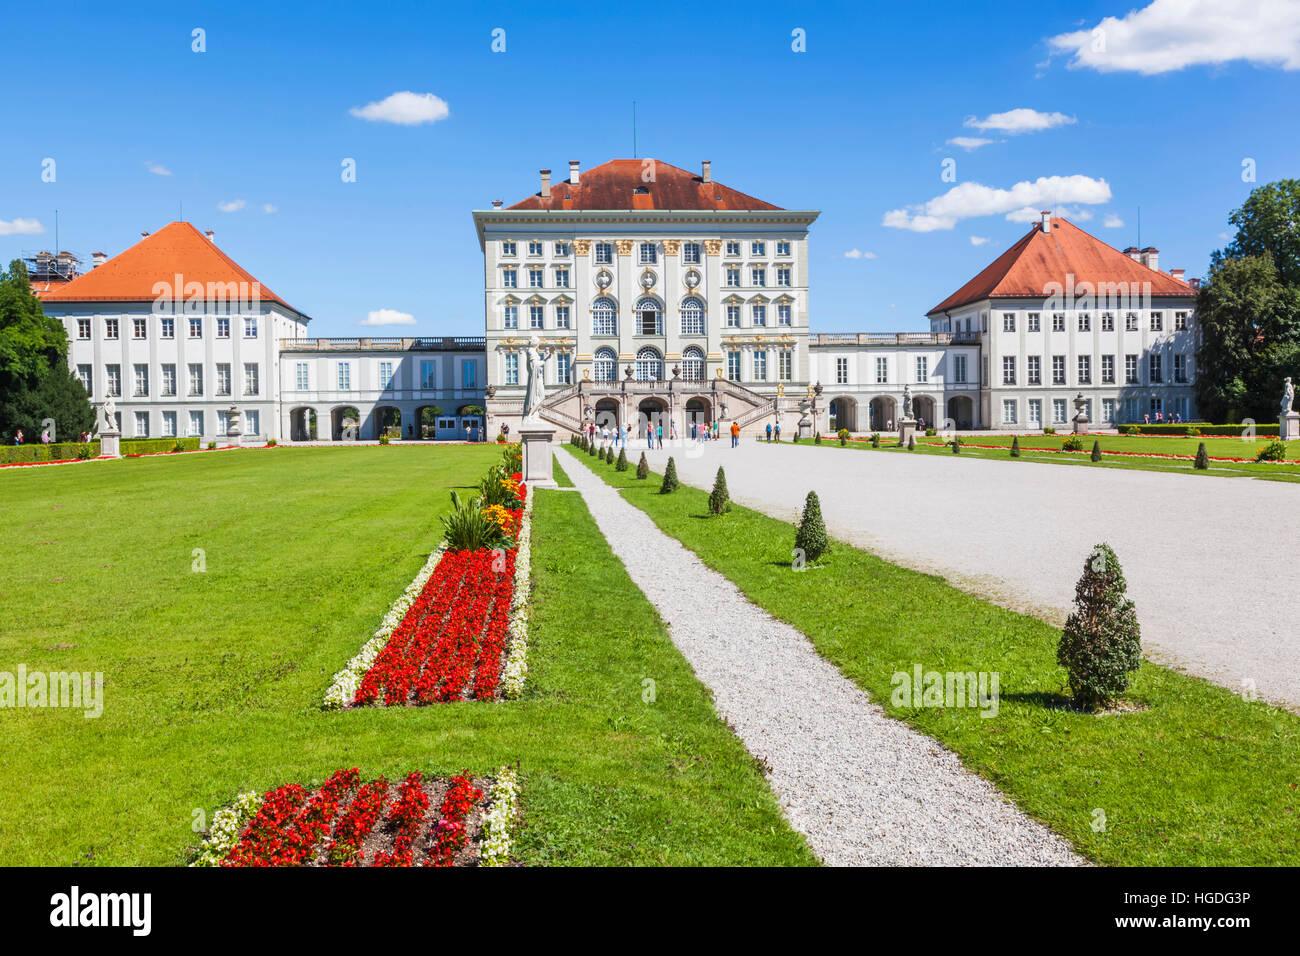 Alemania, Baviera, Munich, el Palacio de Nymphenburg Imagen De Stock